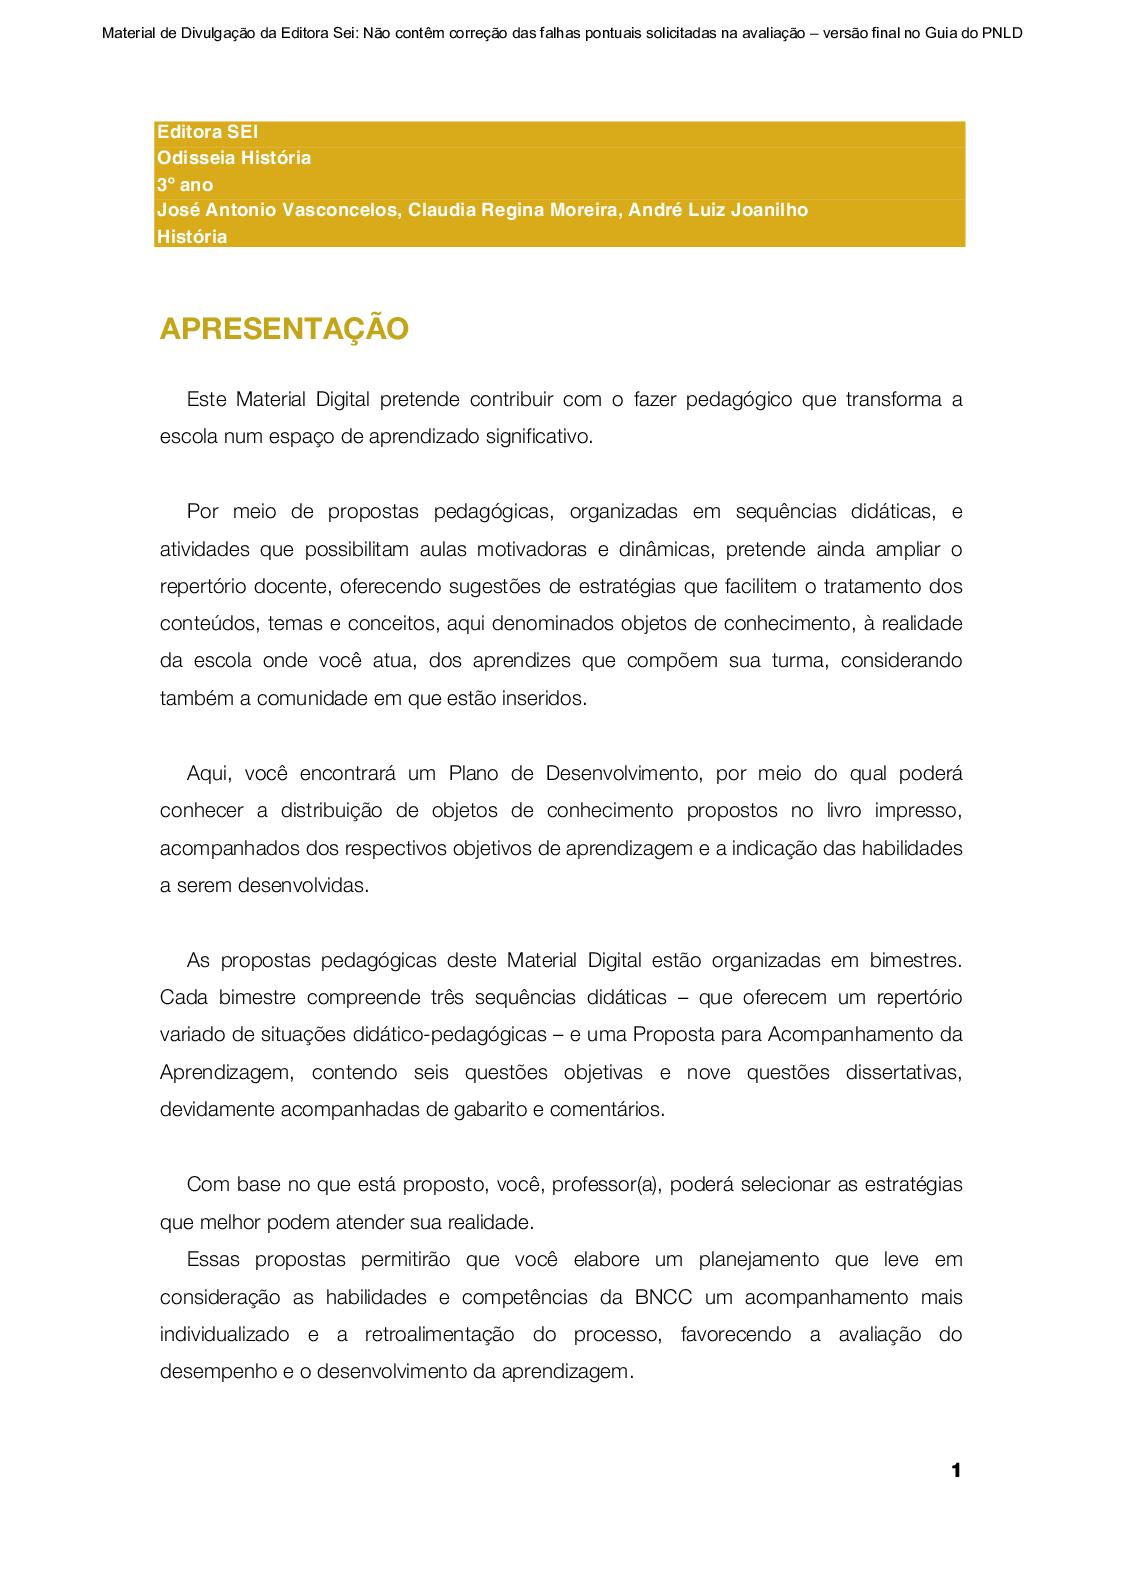 Calaméo - Material Digital  Odisseia - História 3º ano e1989dbc00